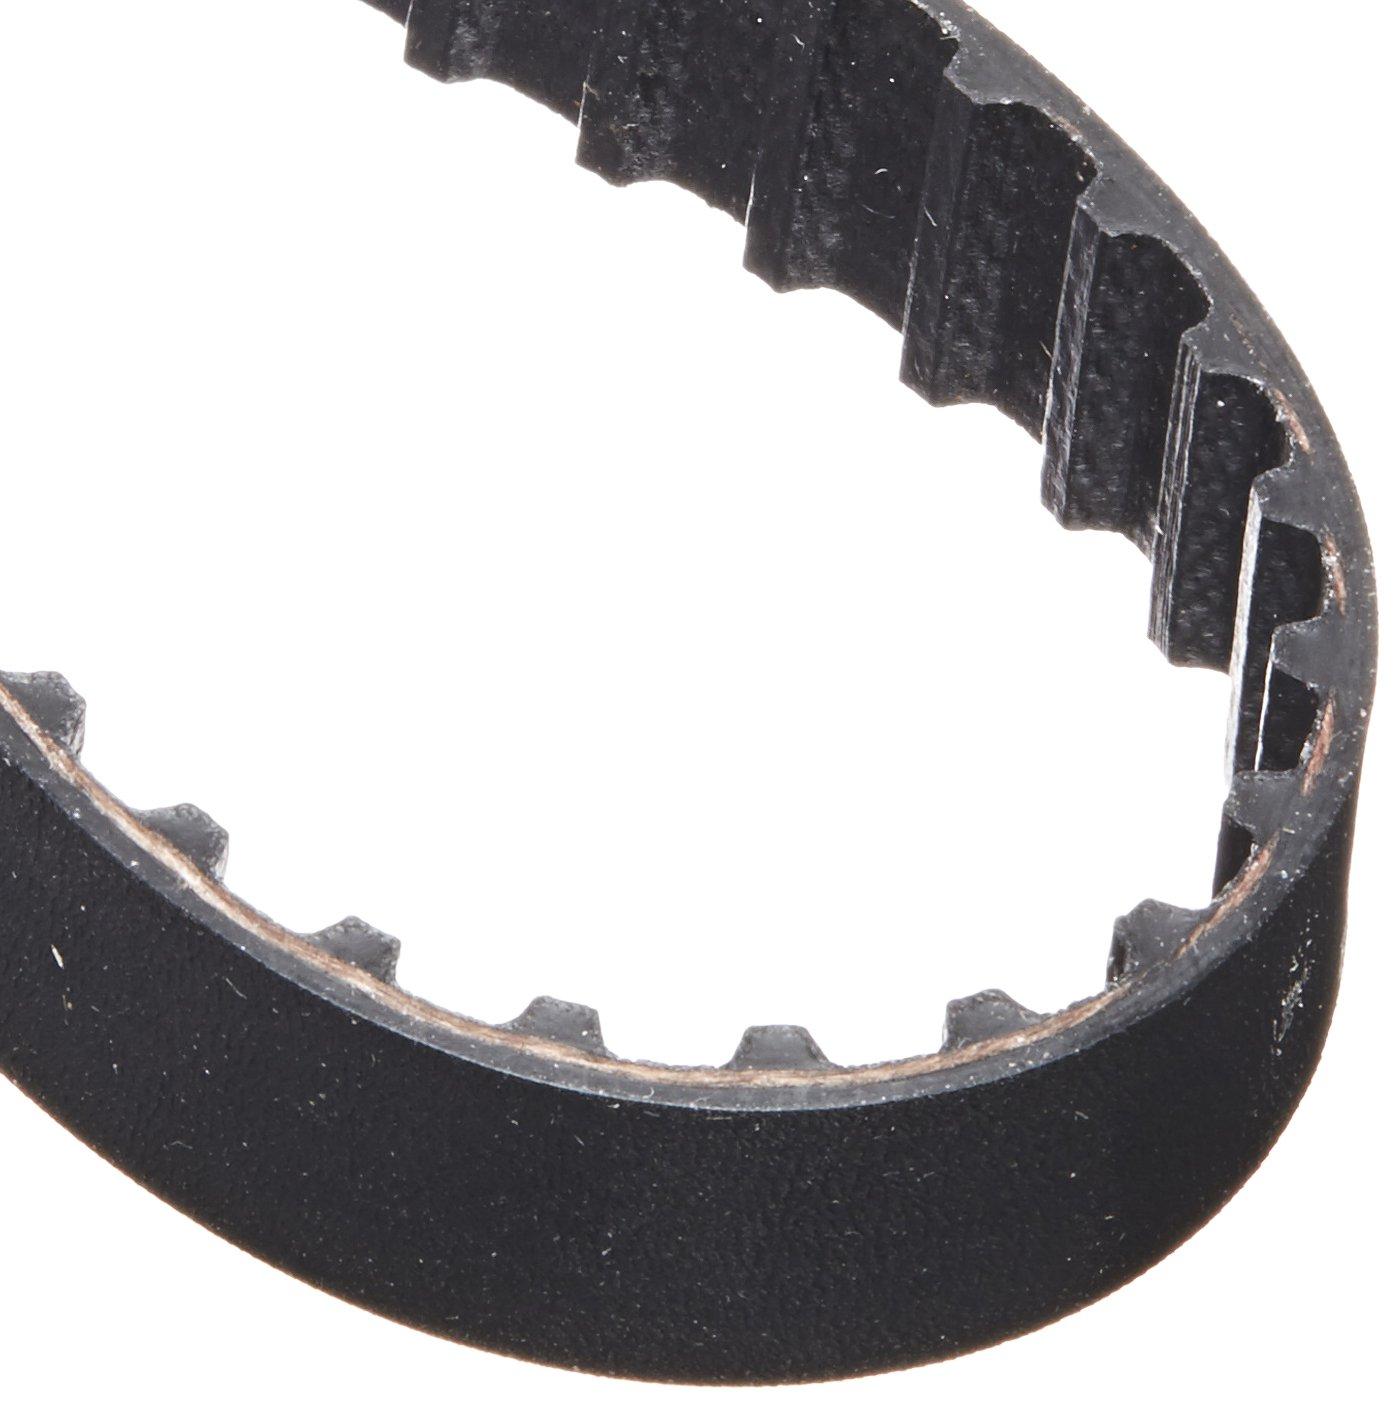 3//8 Breite 35 Z/ähne 1//5 Teilung extra leicht Gates 70XL037 PowerGrip Zahnriemen 7 Teilung